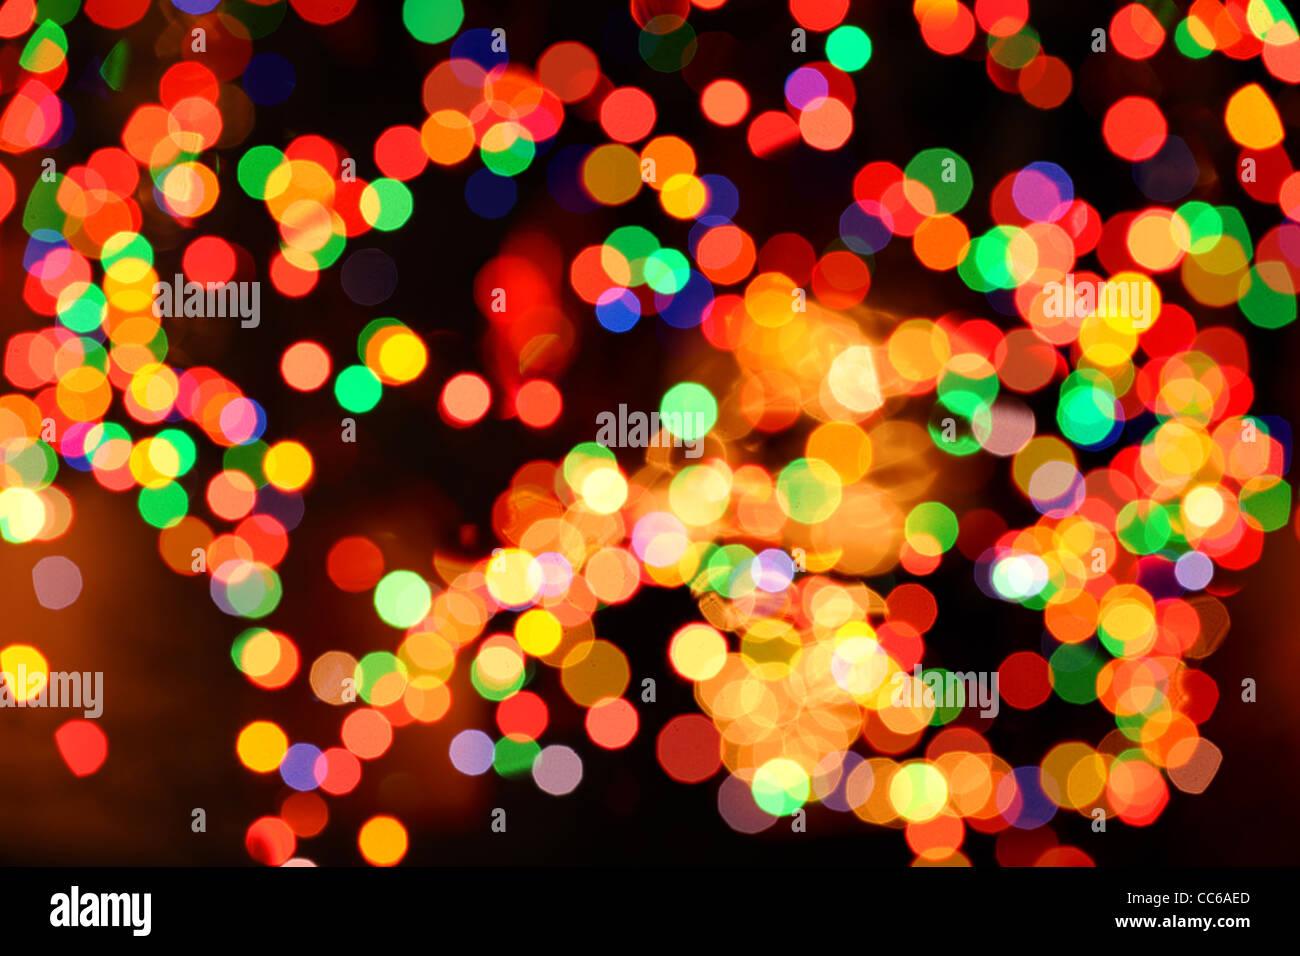 Weihnachten Licht aus der Fokus als Hintergrund Stockbild